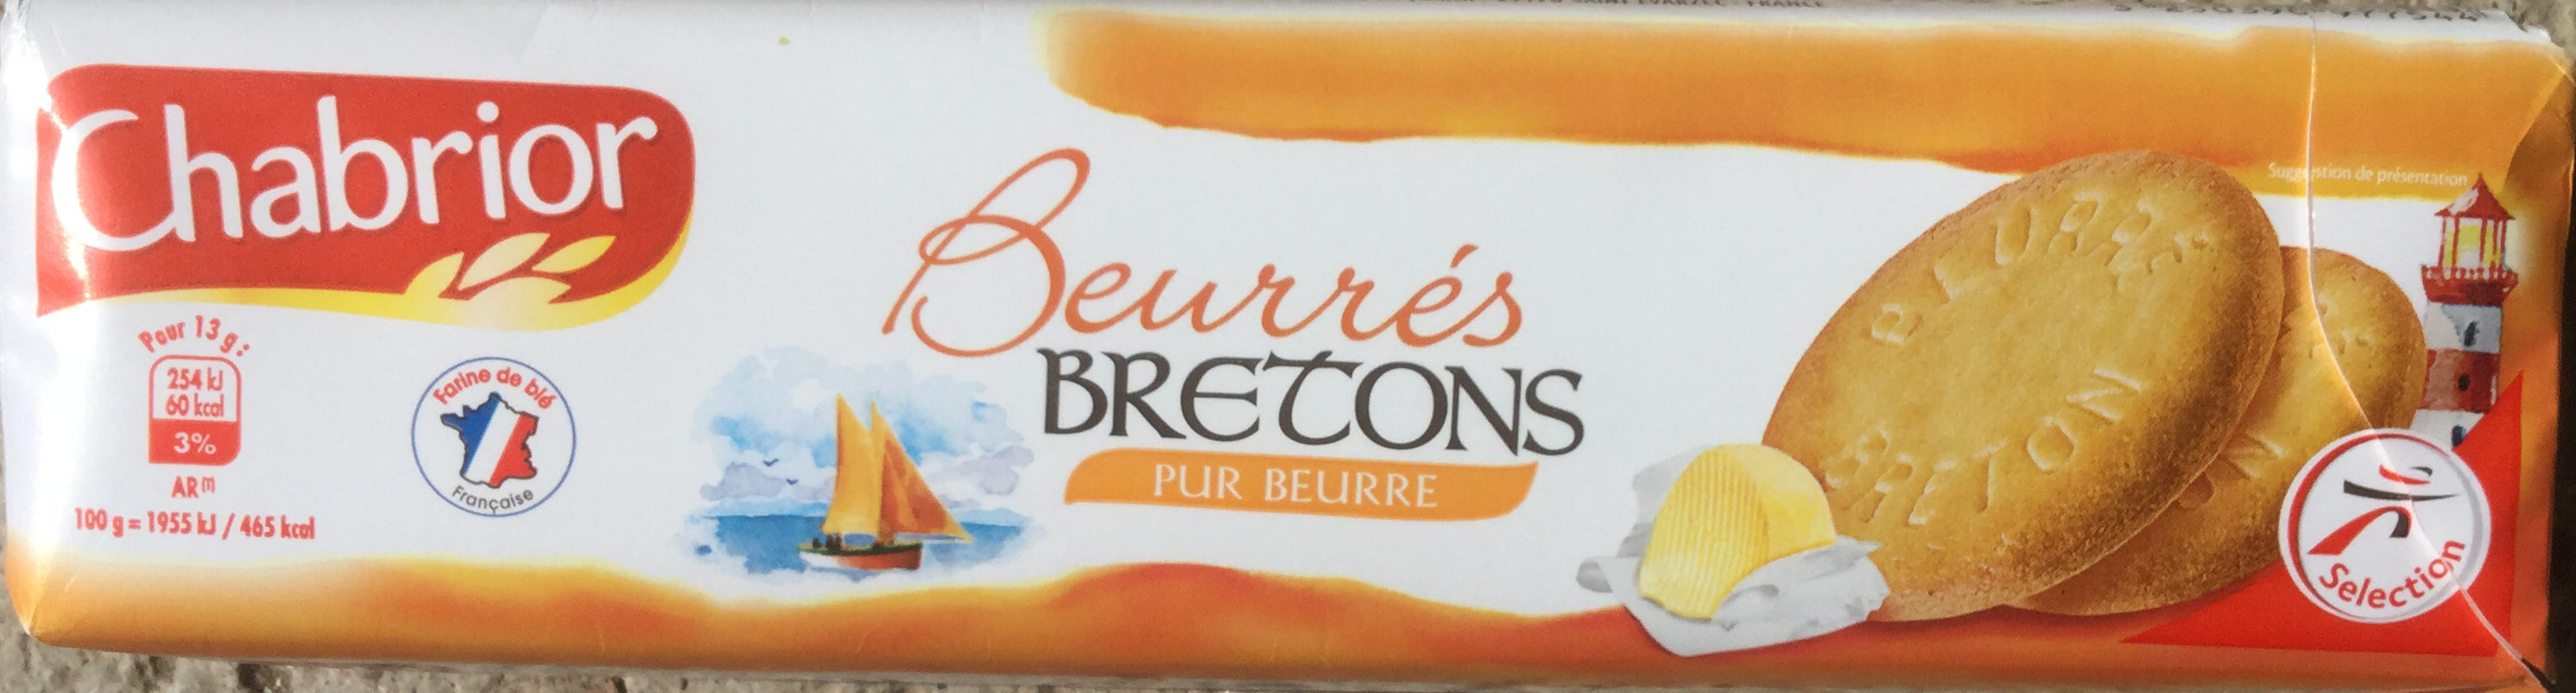 Beurrés Bretons Pur Beurre - Produit - fr